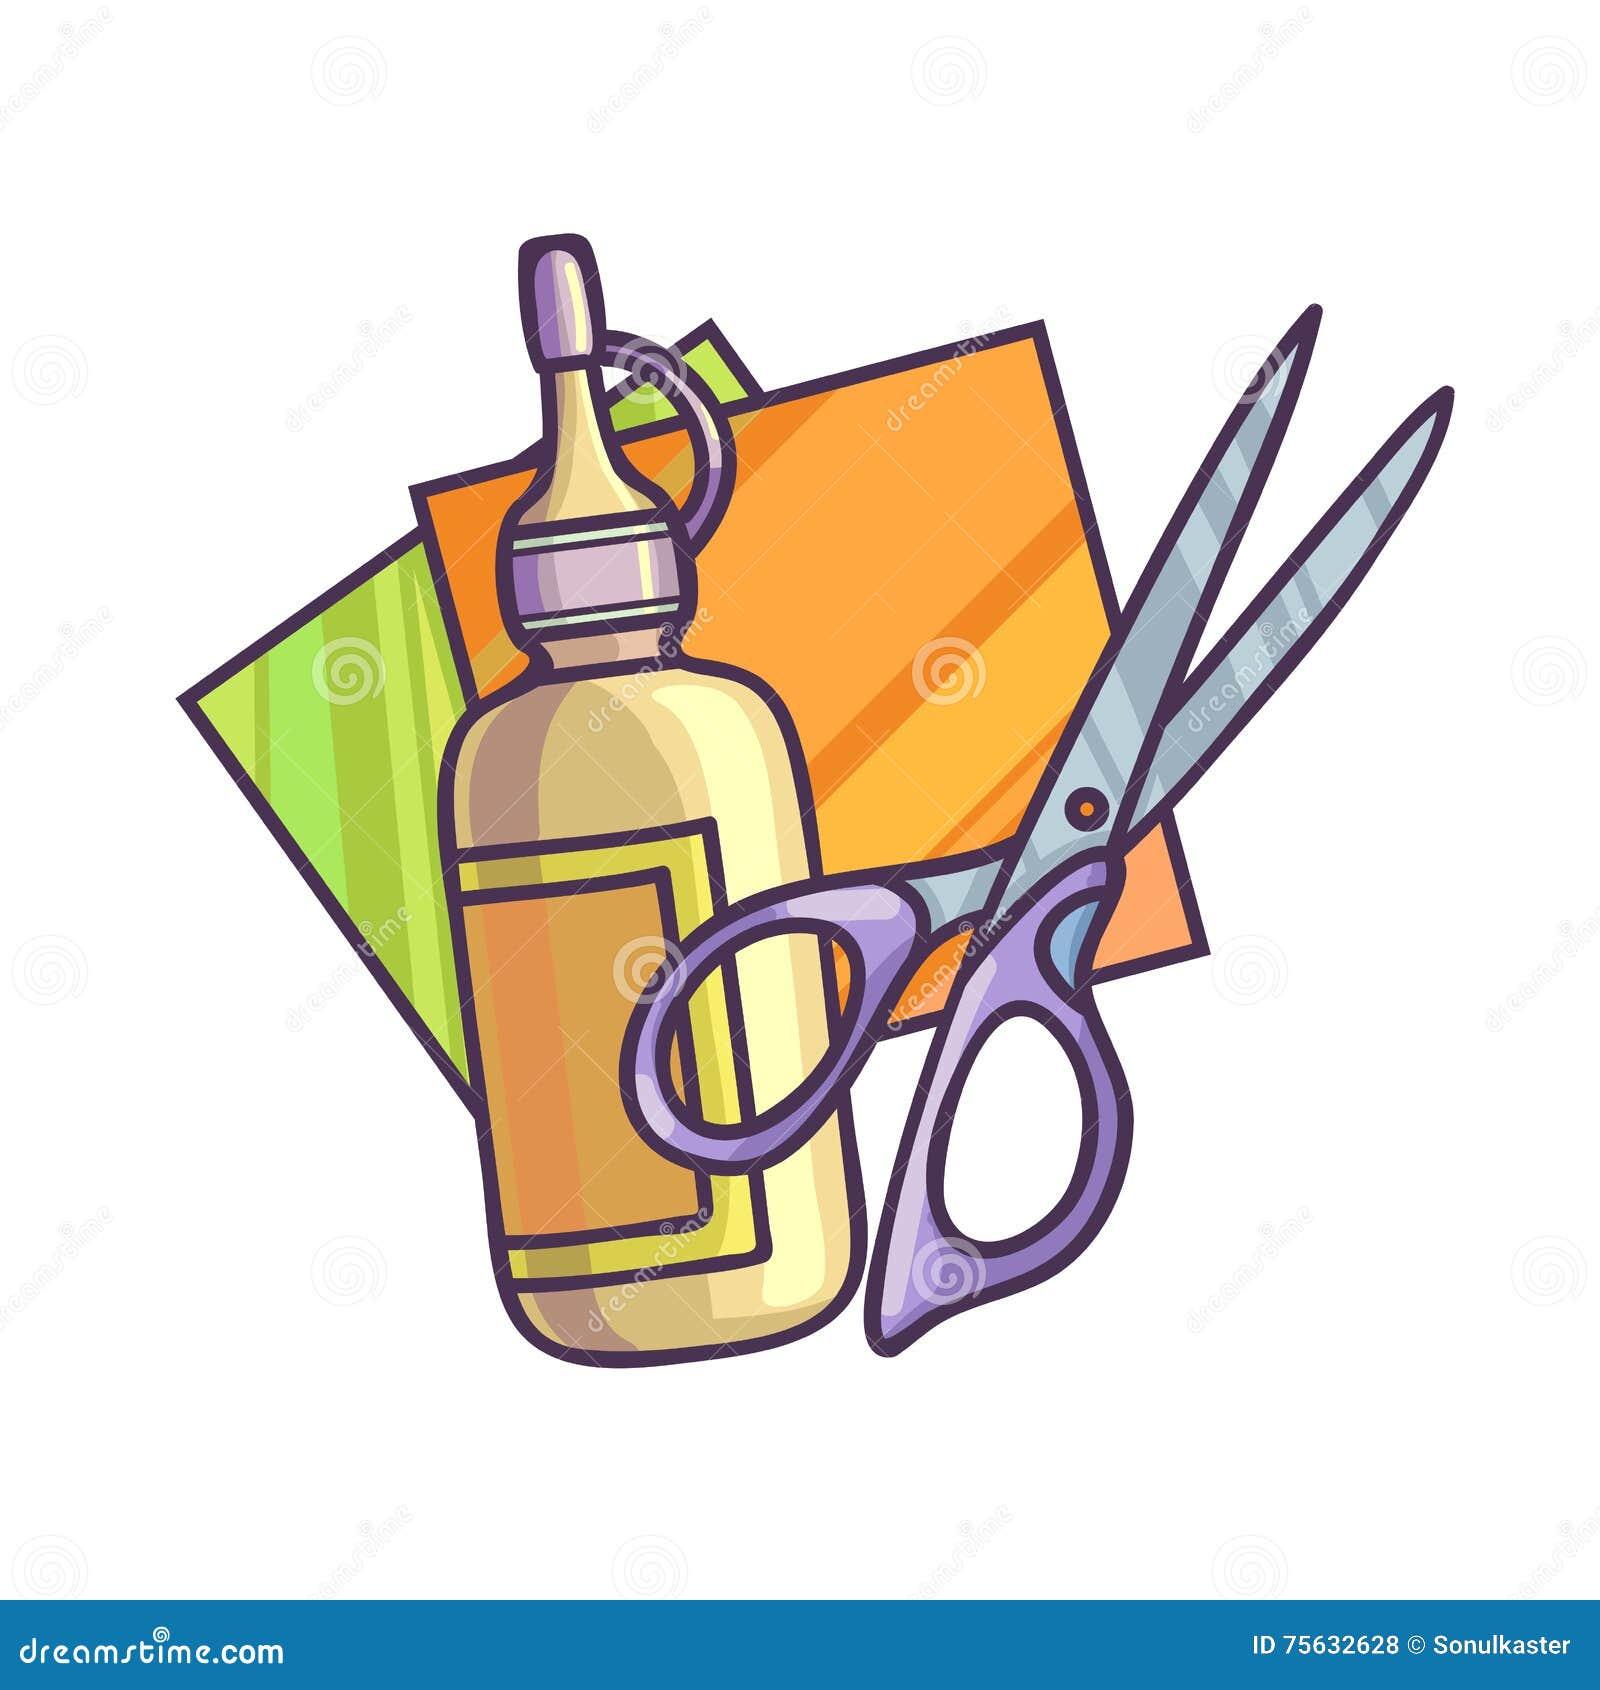 Colle papier et ciseaux illustration de vecteur - Clipart bricolage ...